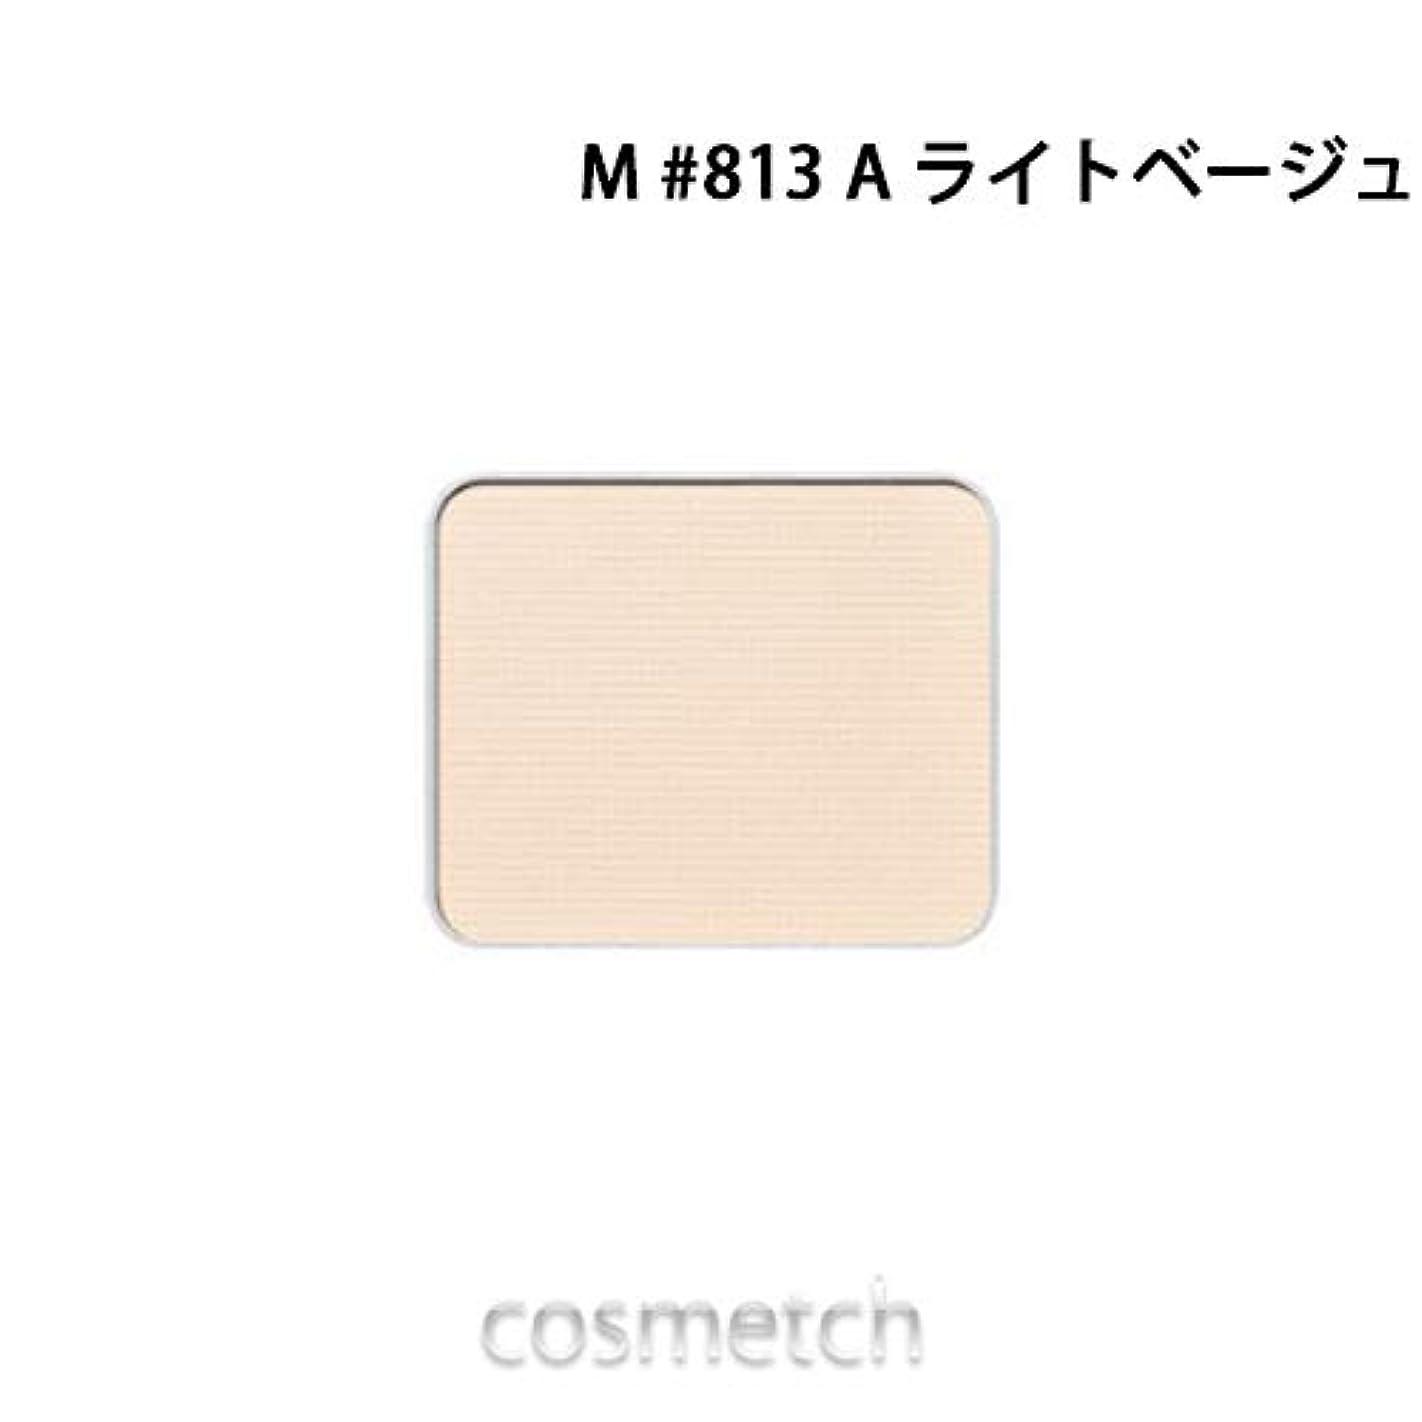 【シュウ ウエムラ】プレスド アイシャドー レフィル #M813 A 1.4g [並行輸入品]